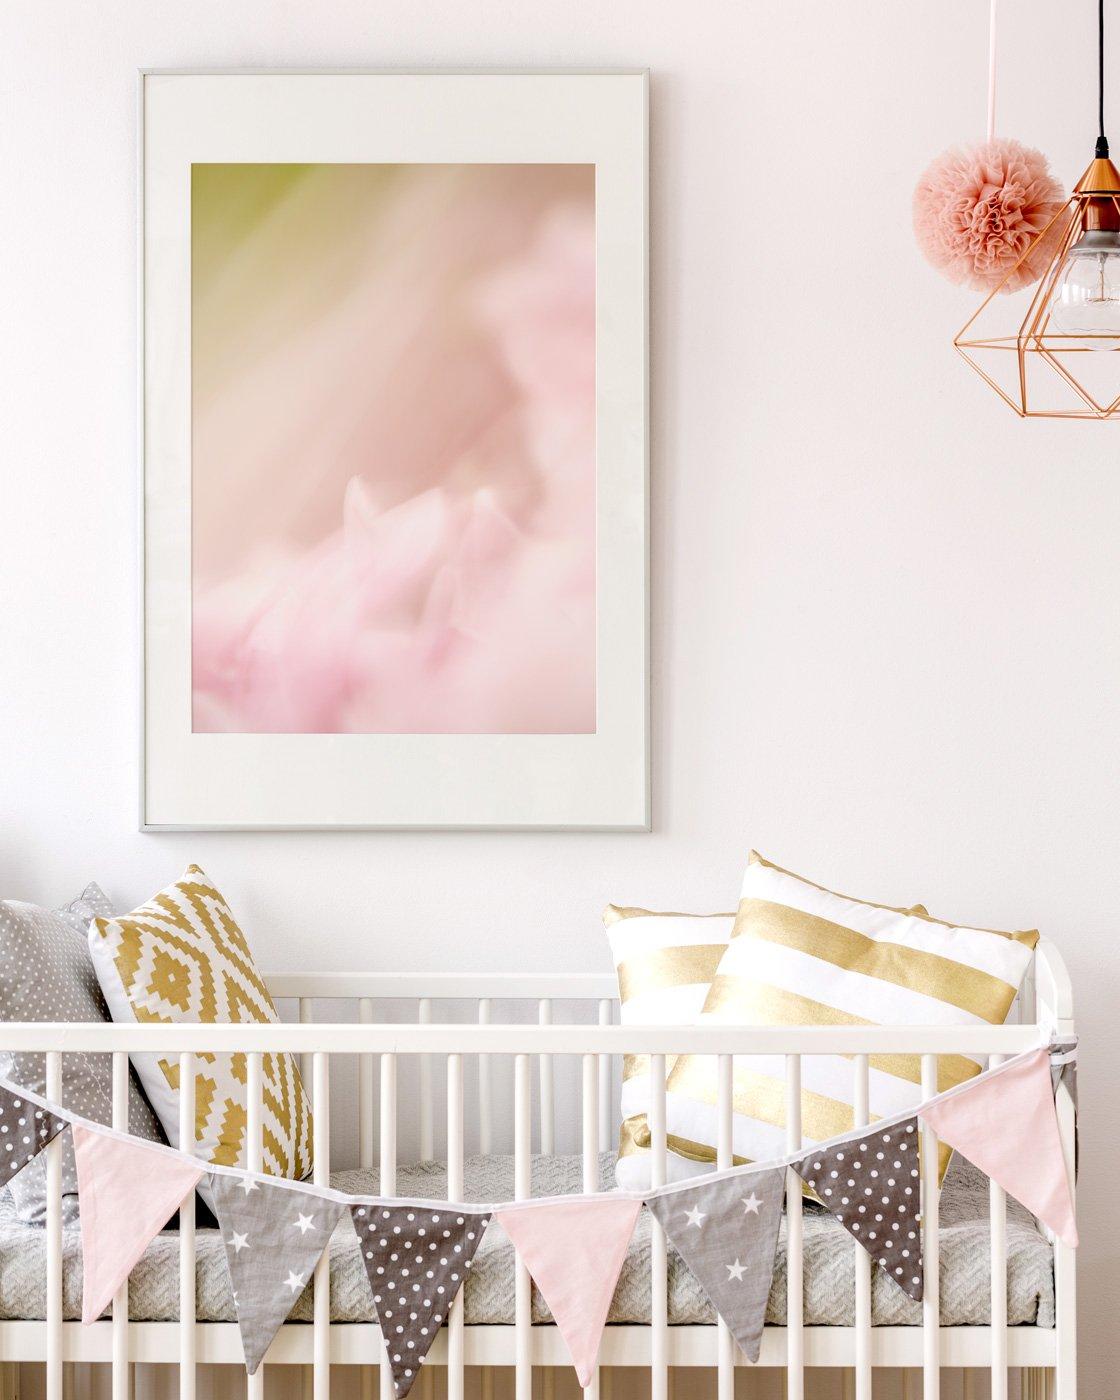 Modern baby girl nursery ideas for scandinavian style homes Scandinavian baby nursery